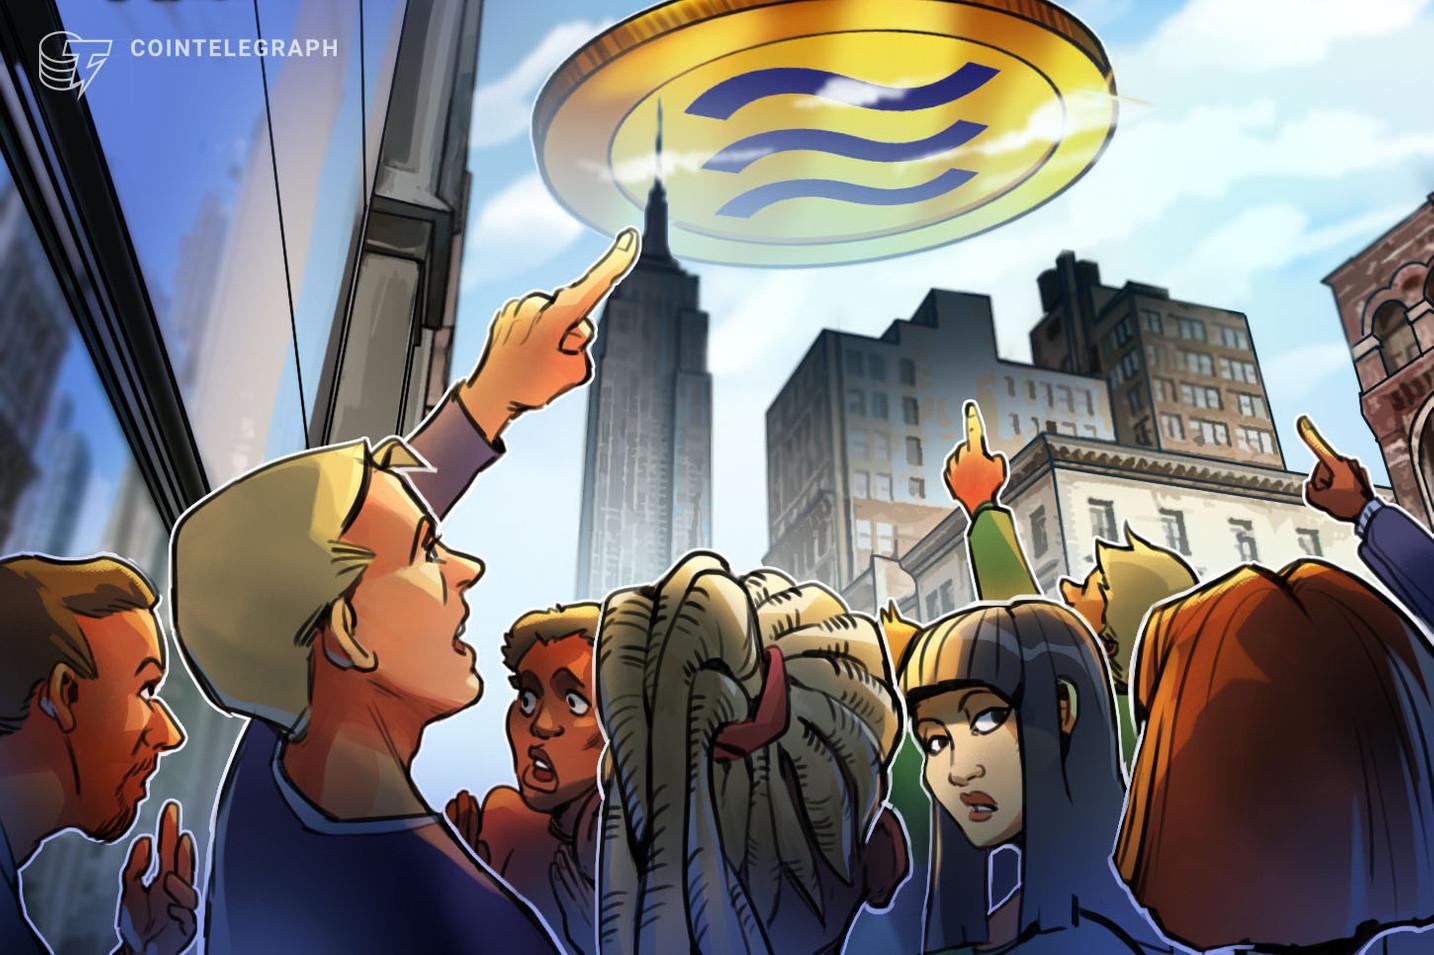 Çin Kendi Dijital Parası için Libra ile Yarışa Girdi